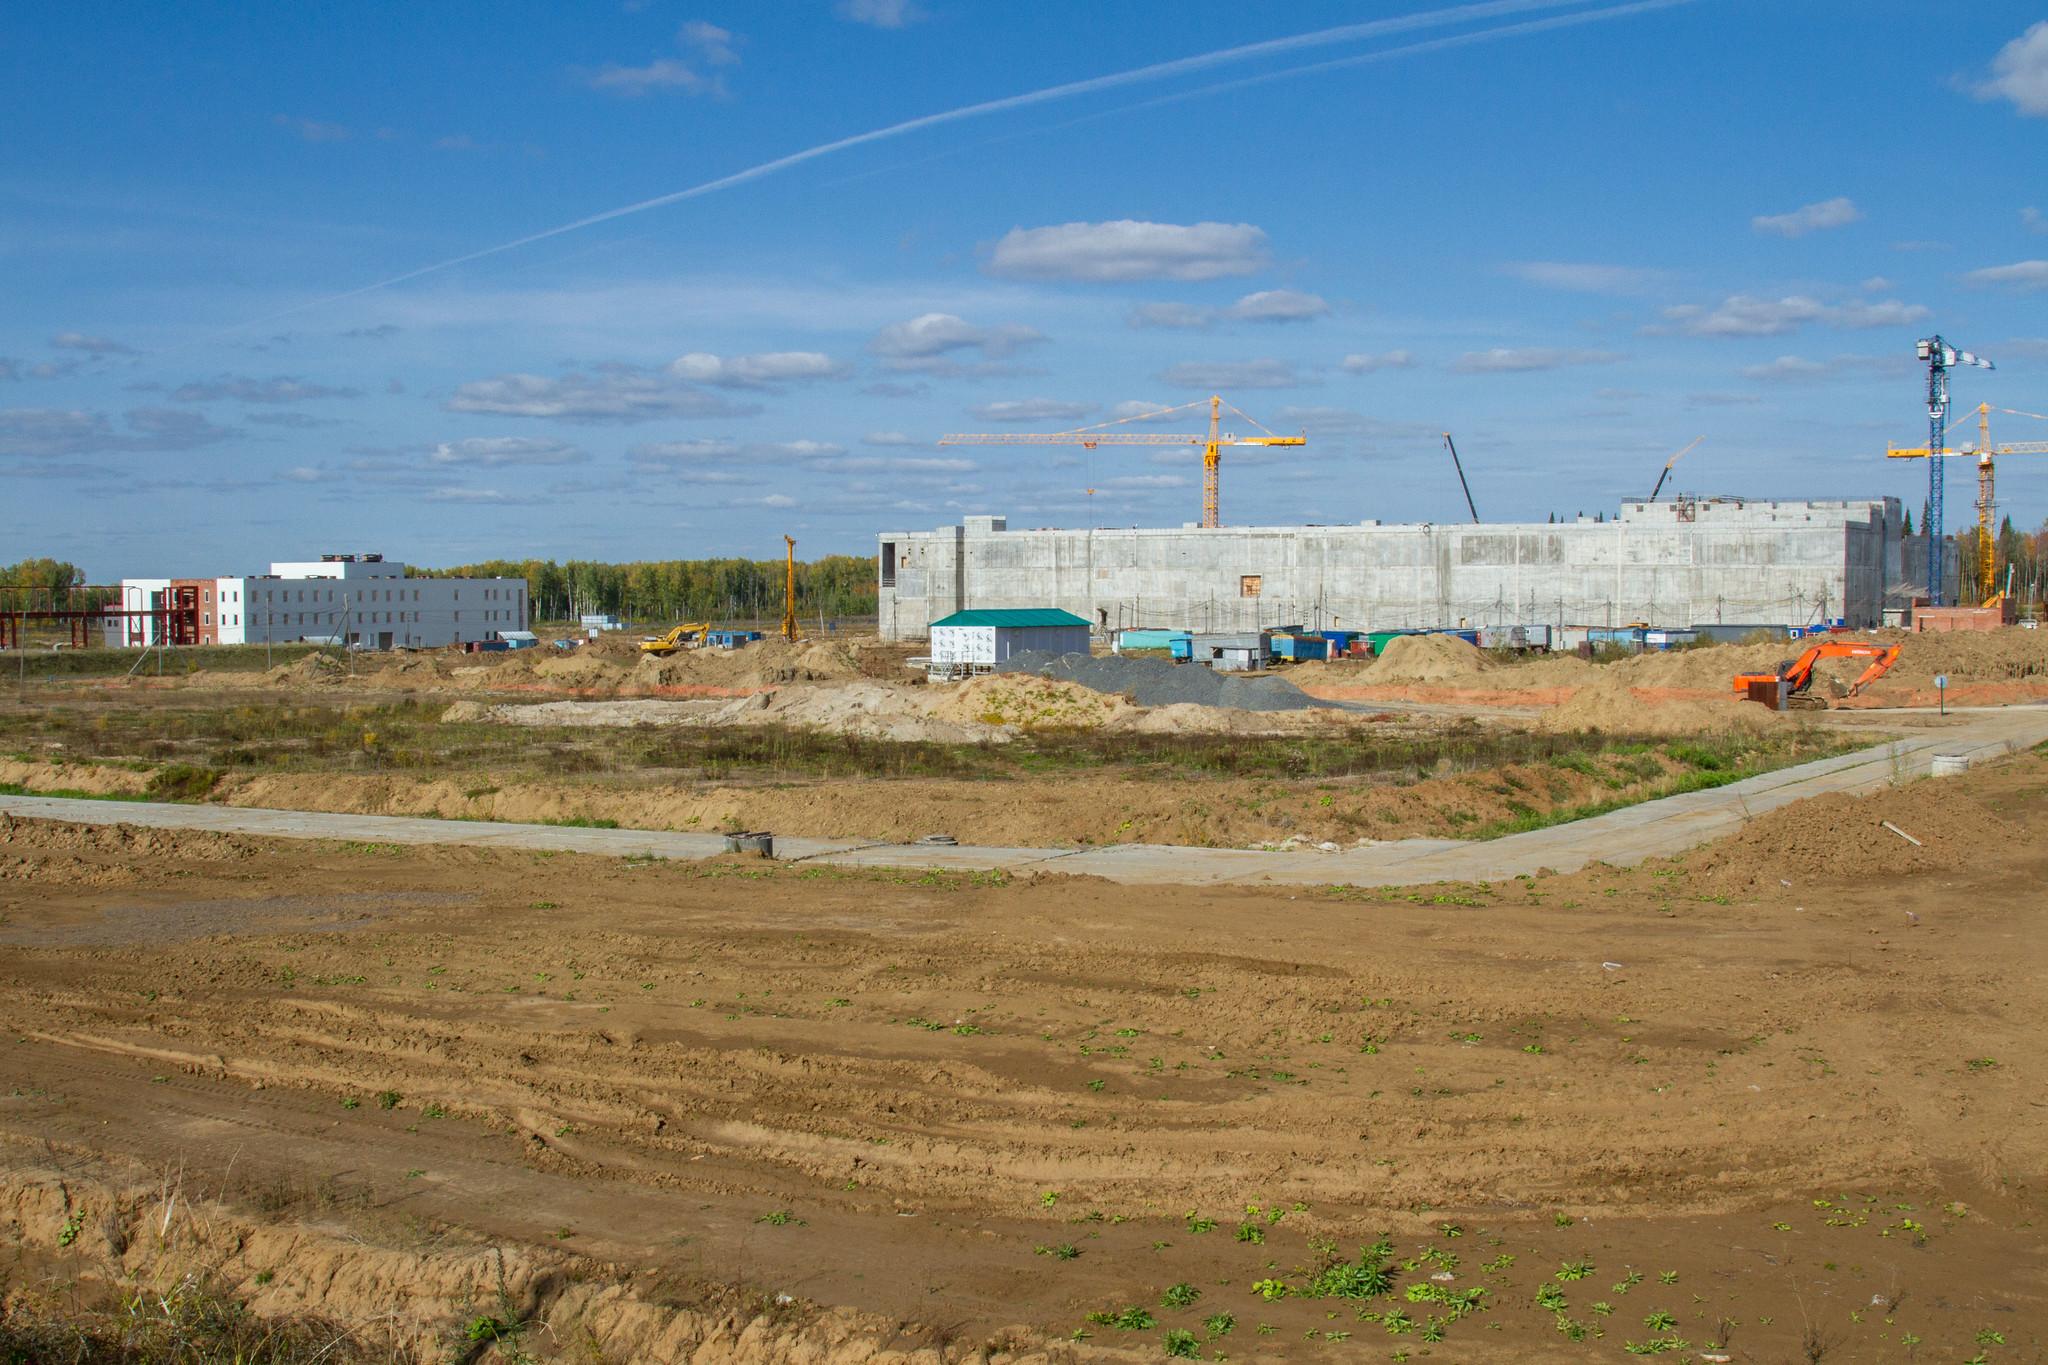 Rosatom v roce 2020 vynaloží 4 miliardy rublů do projektu reaktoru BREST-300